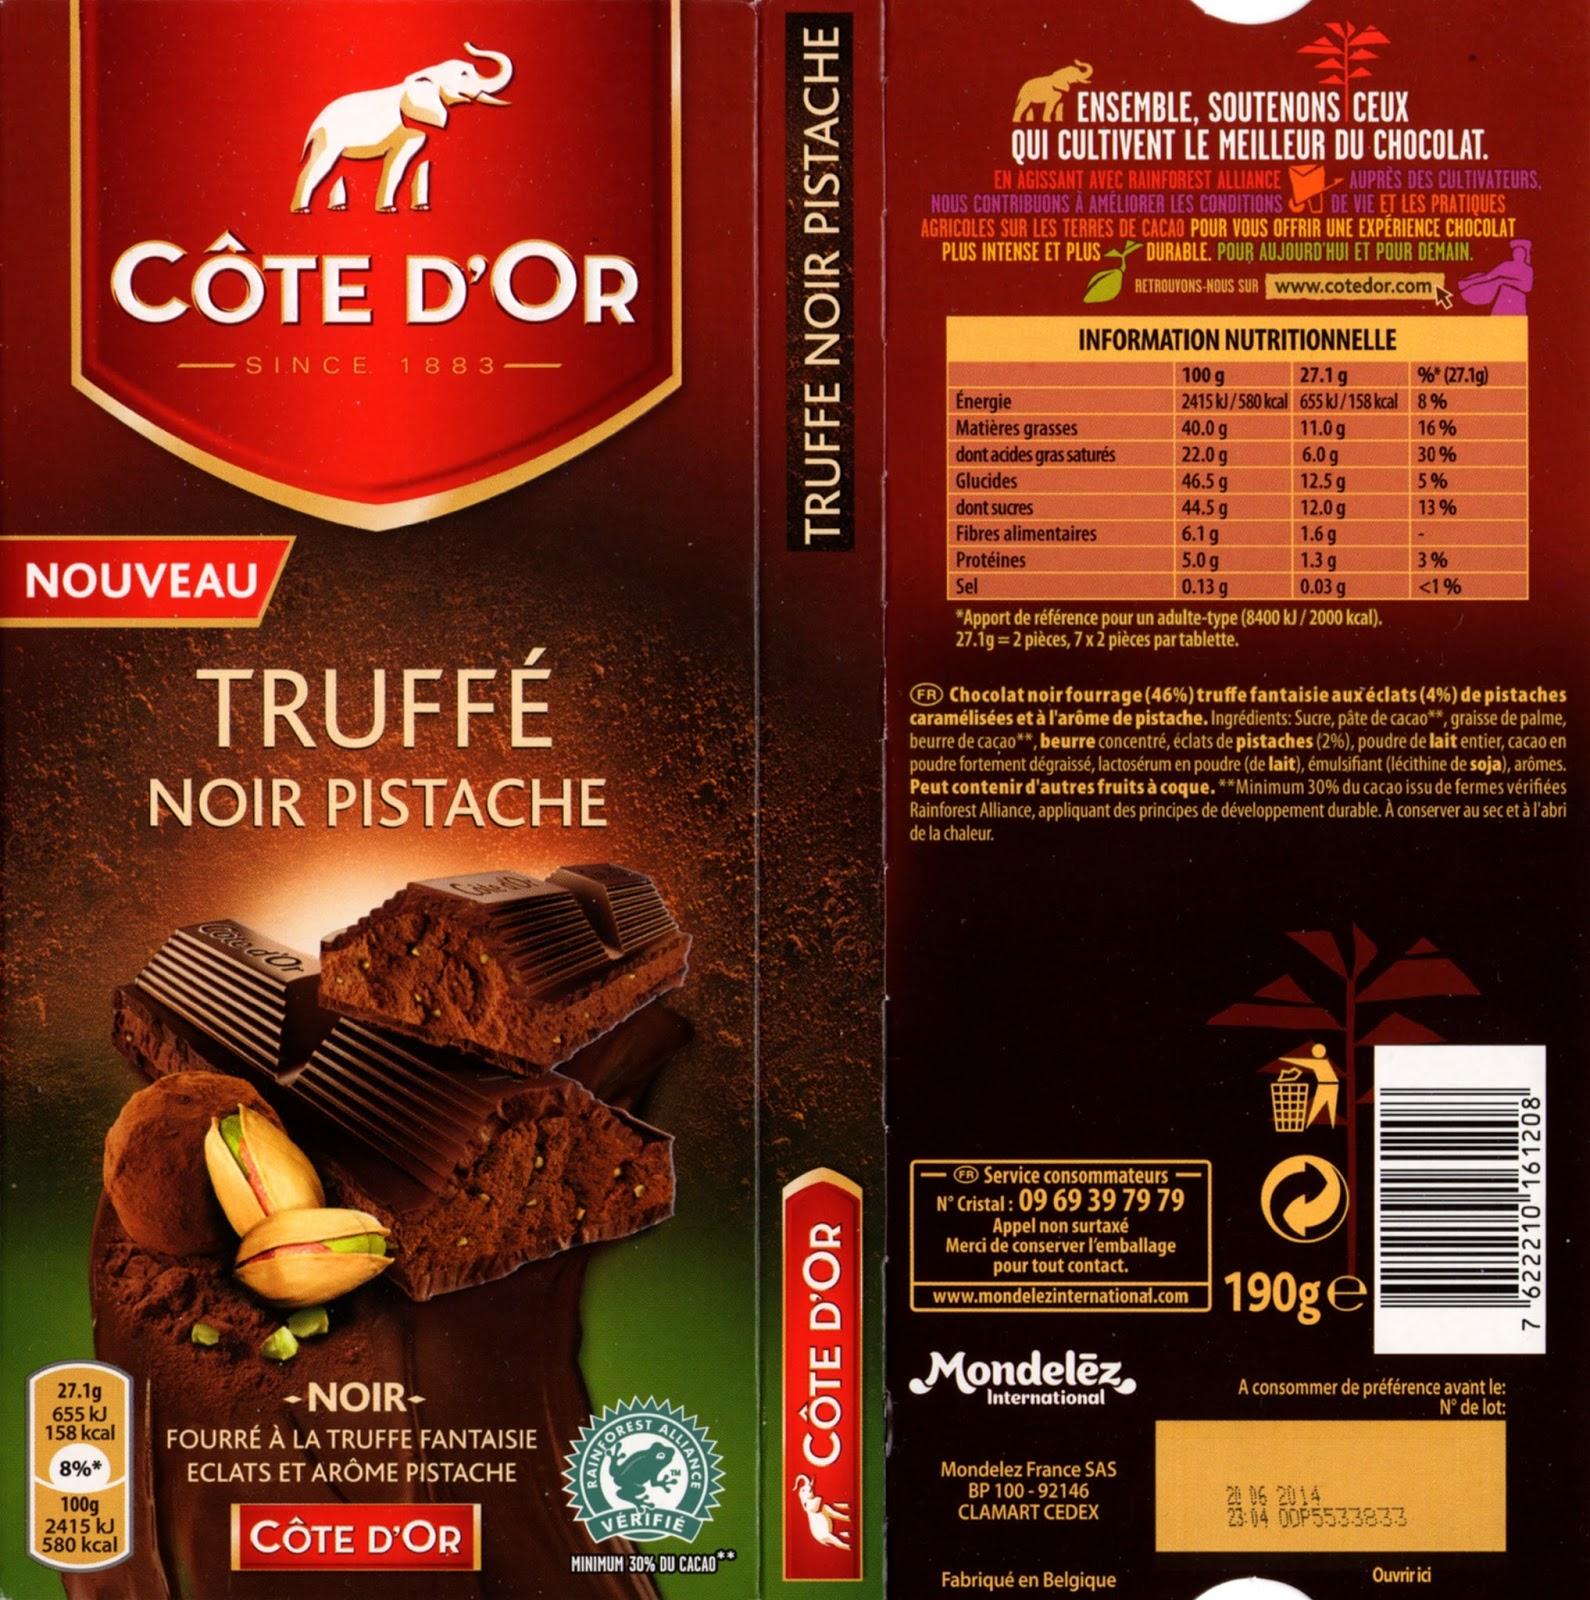 tablette de chocolat noir fourré côte d'or truffé noir pistache